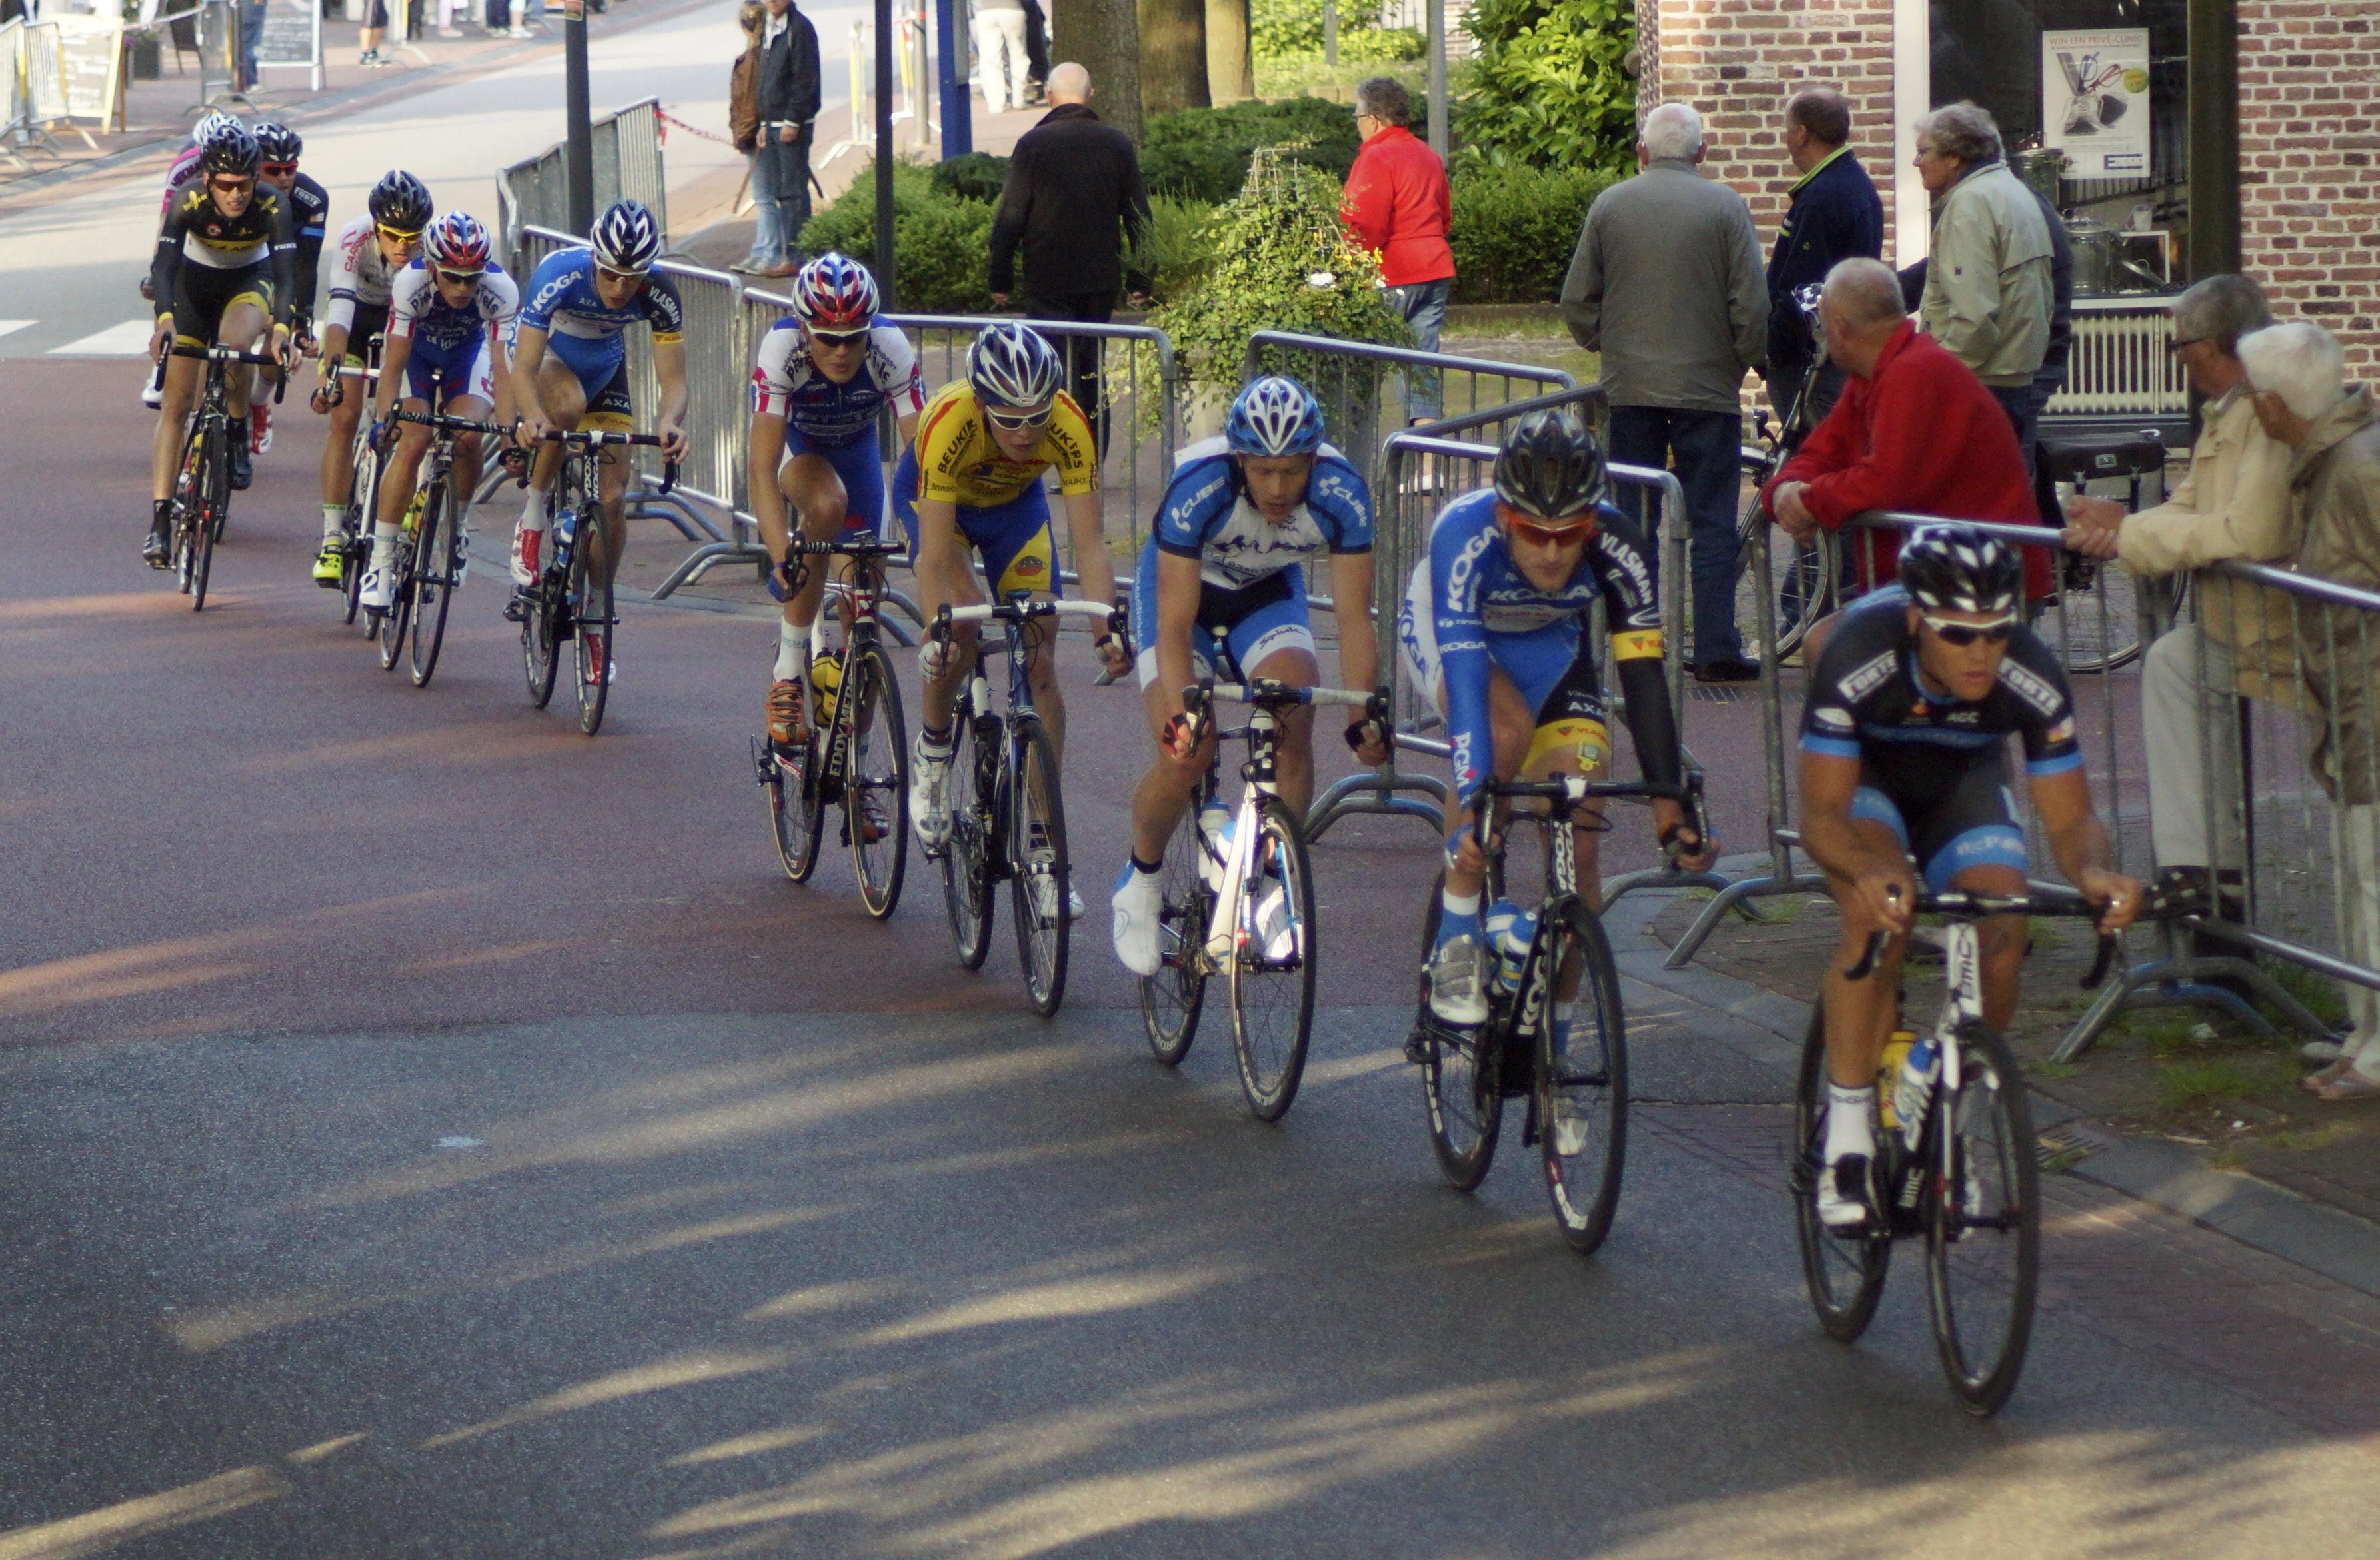 Noordenveld wil flink blijven investeren om de fietsgemeente van Noord-Nederland te worden in 2020